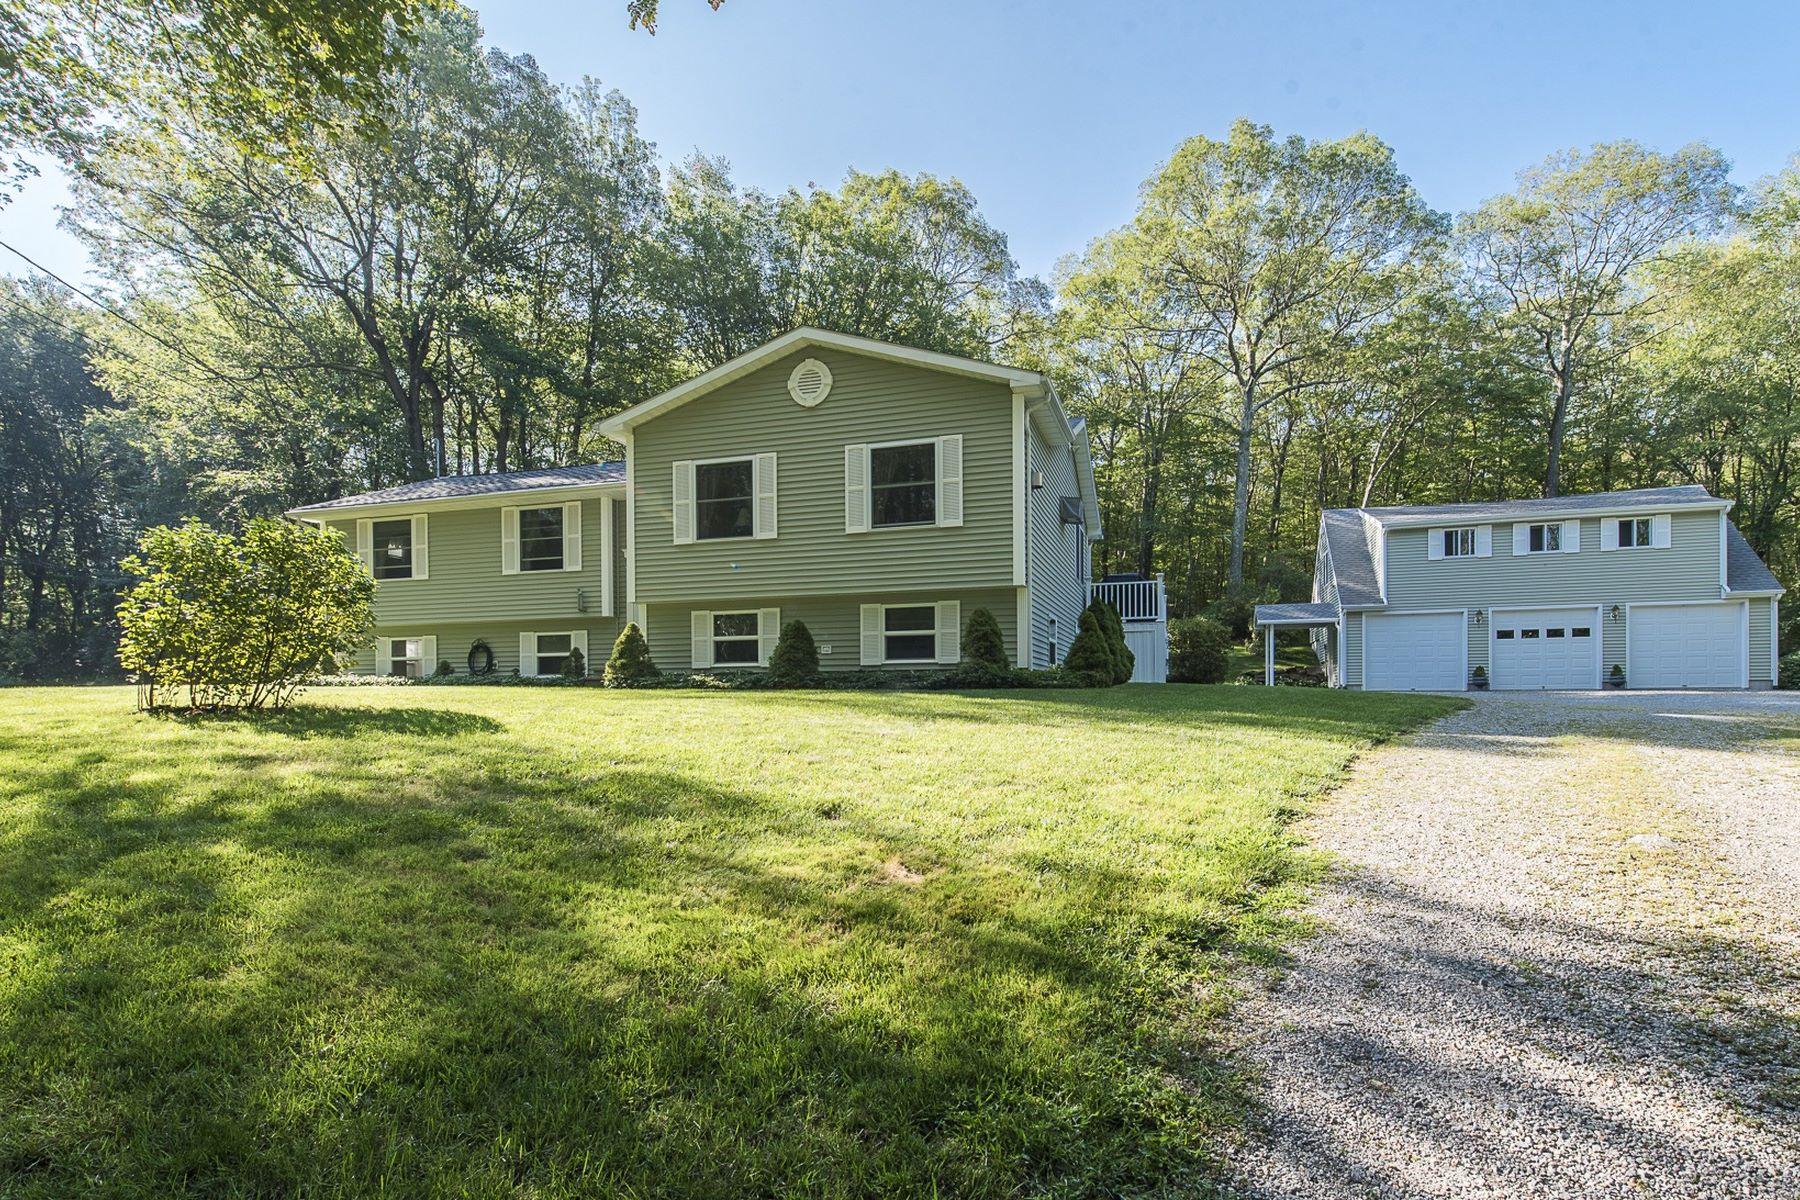 独户住宅 为 销售 在 58 Schuller Road 哈达姆, 康涅狄格州, 06441 美国